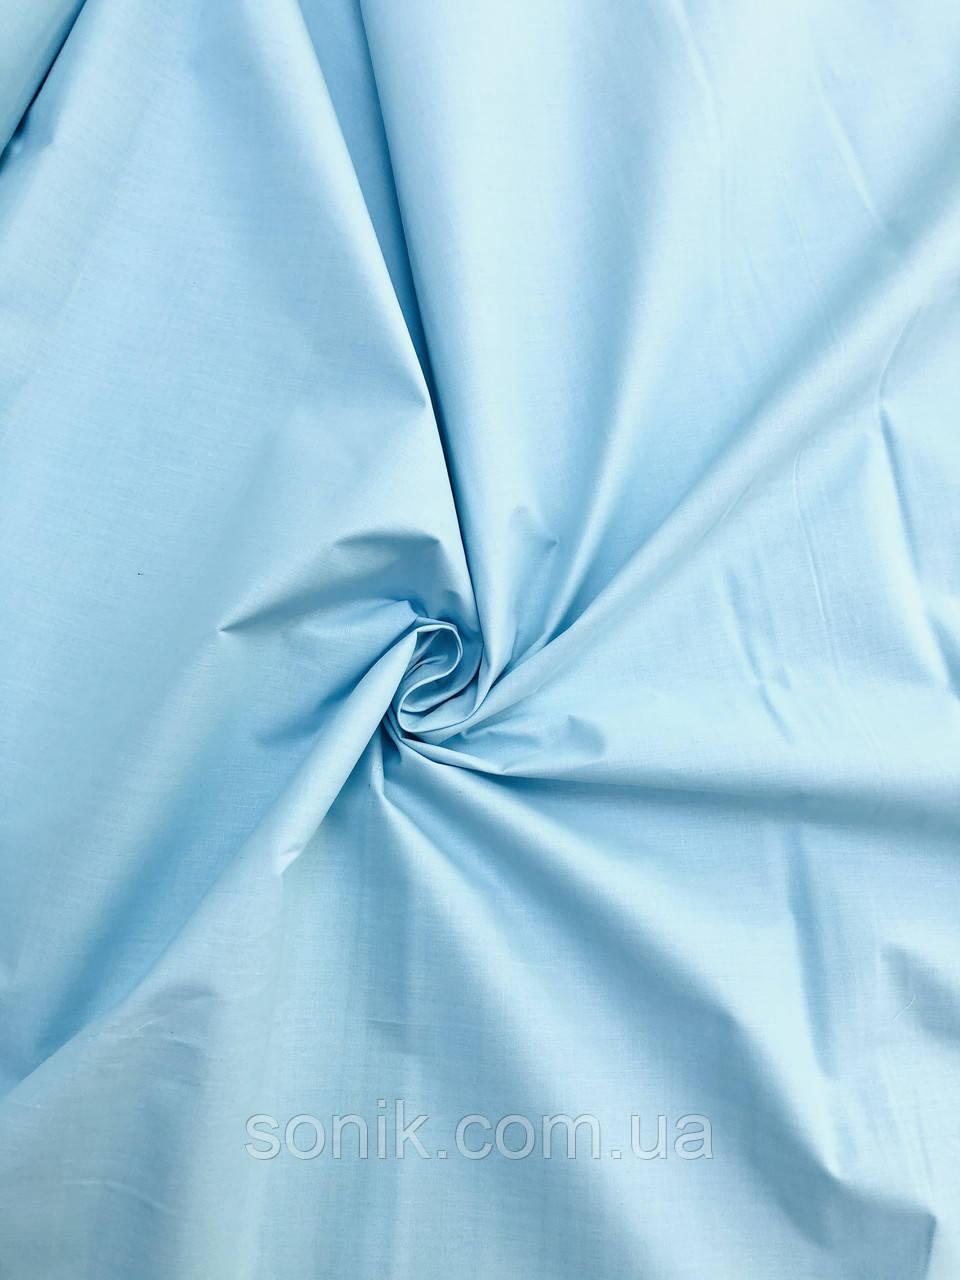 Тканина Бязь Блакитна сввітла 220 см